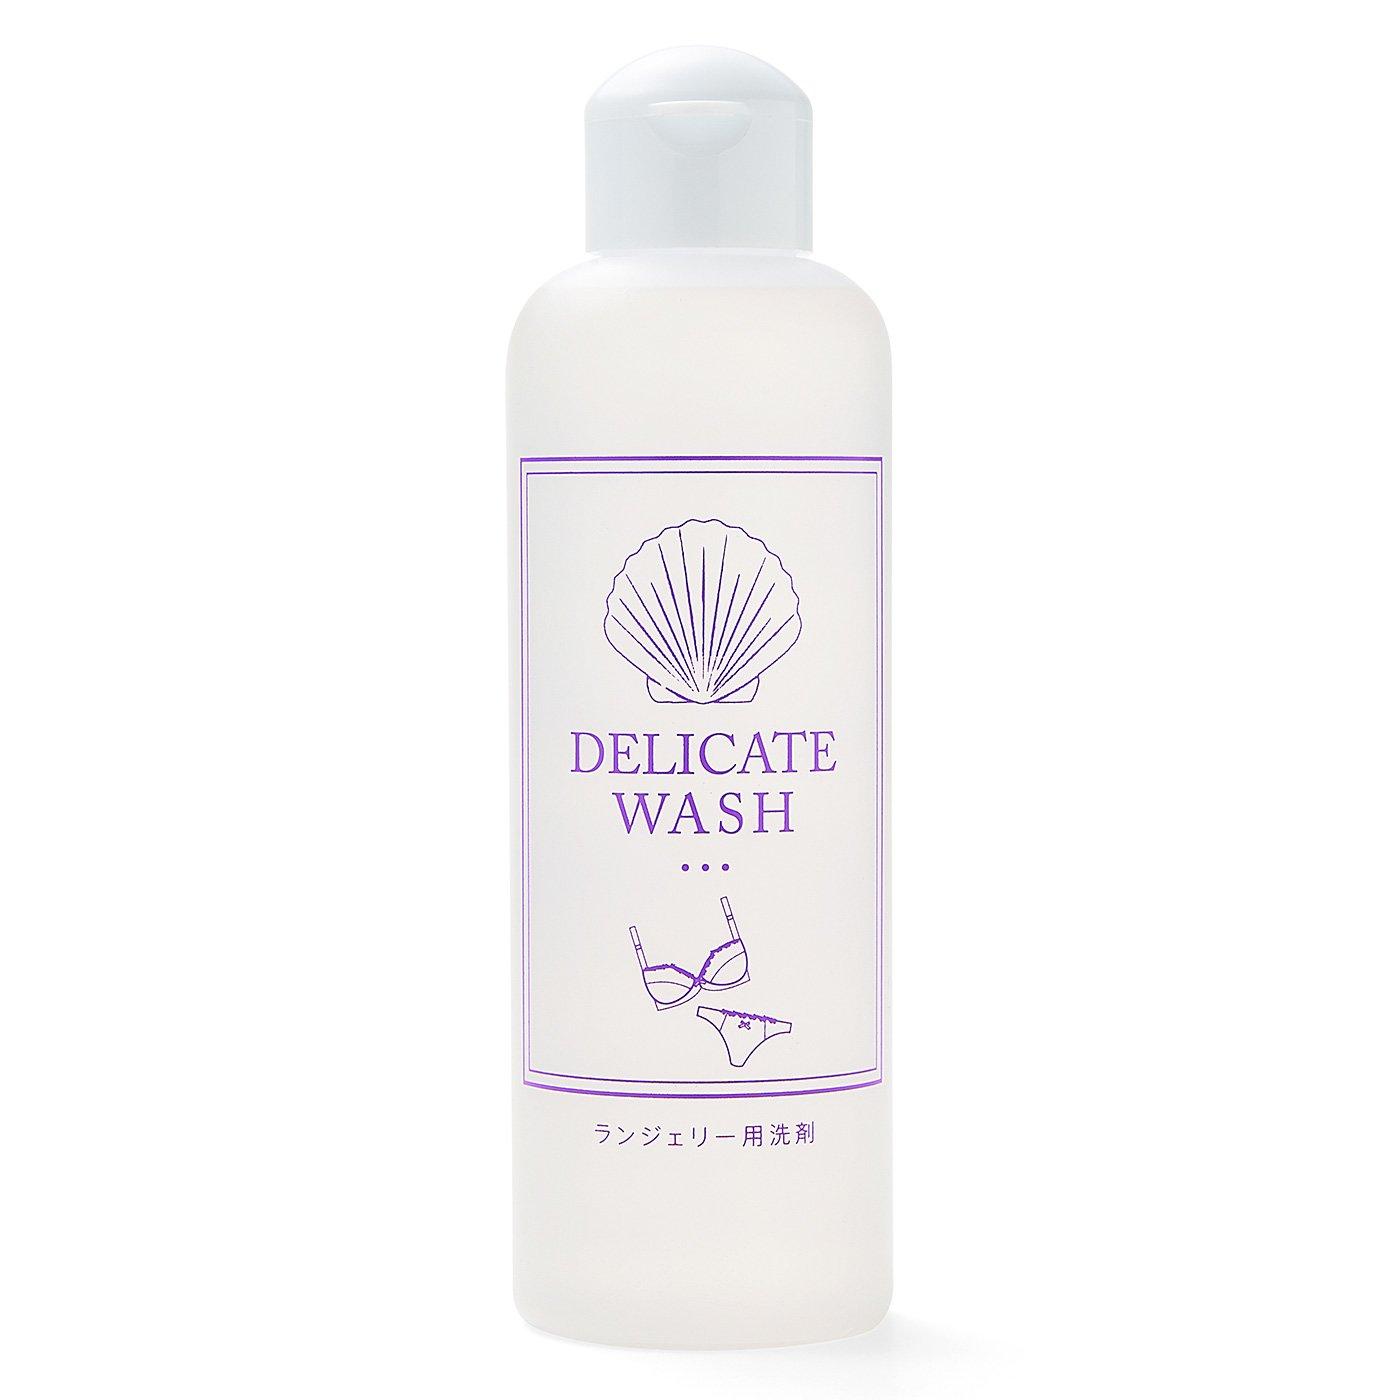 ホタテの貝殻生まれ つけ置き洗いですっきりきれい ランジェリー用洗剤の会